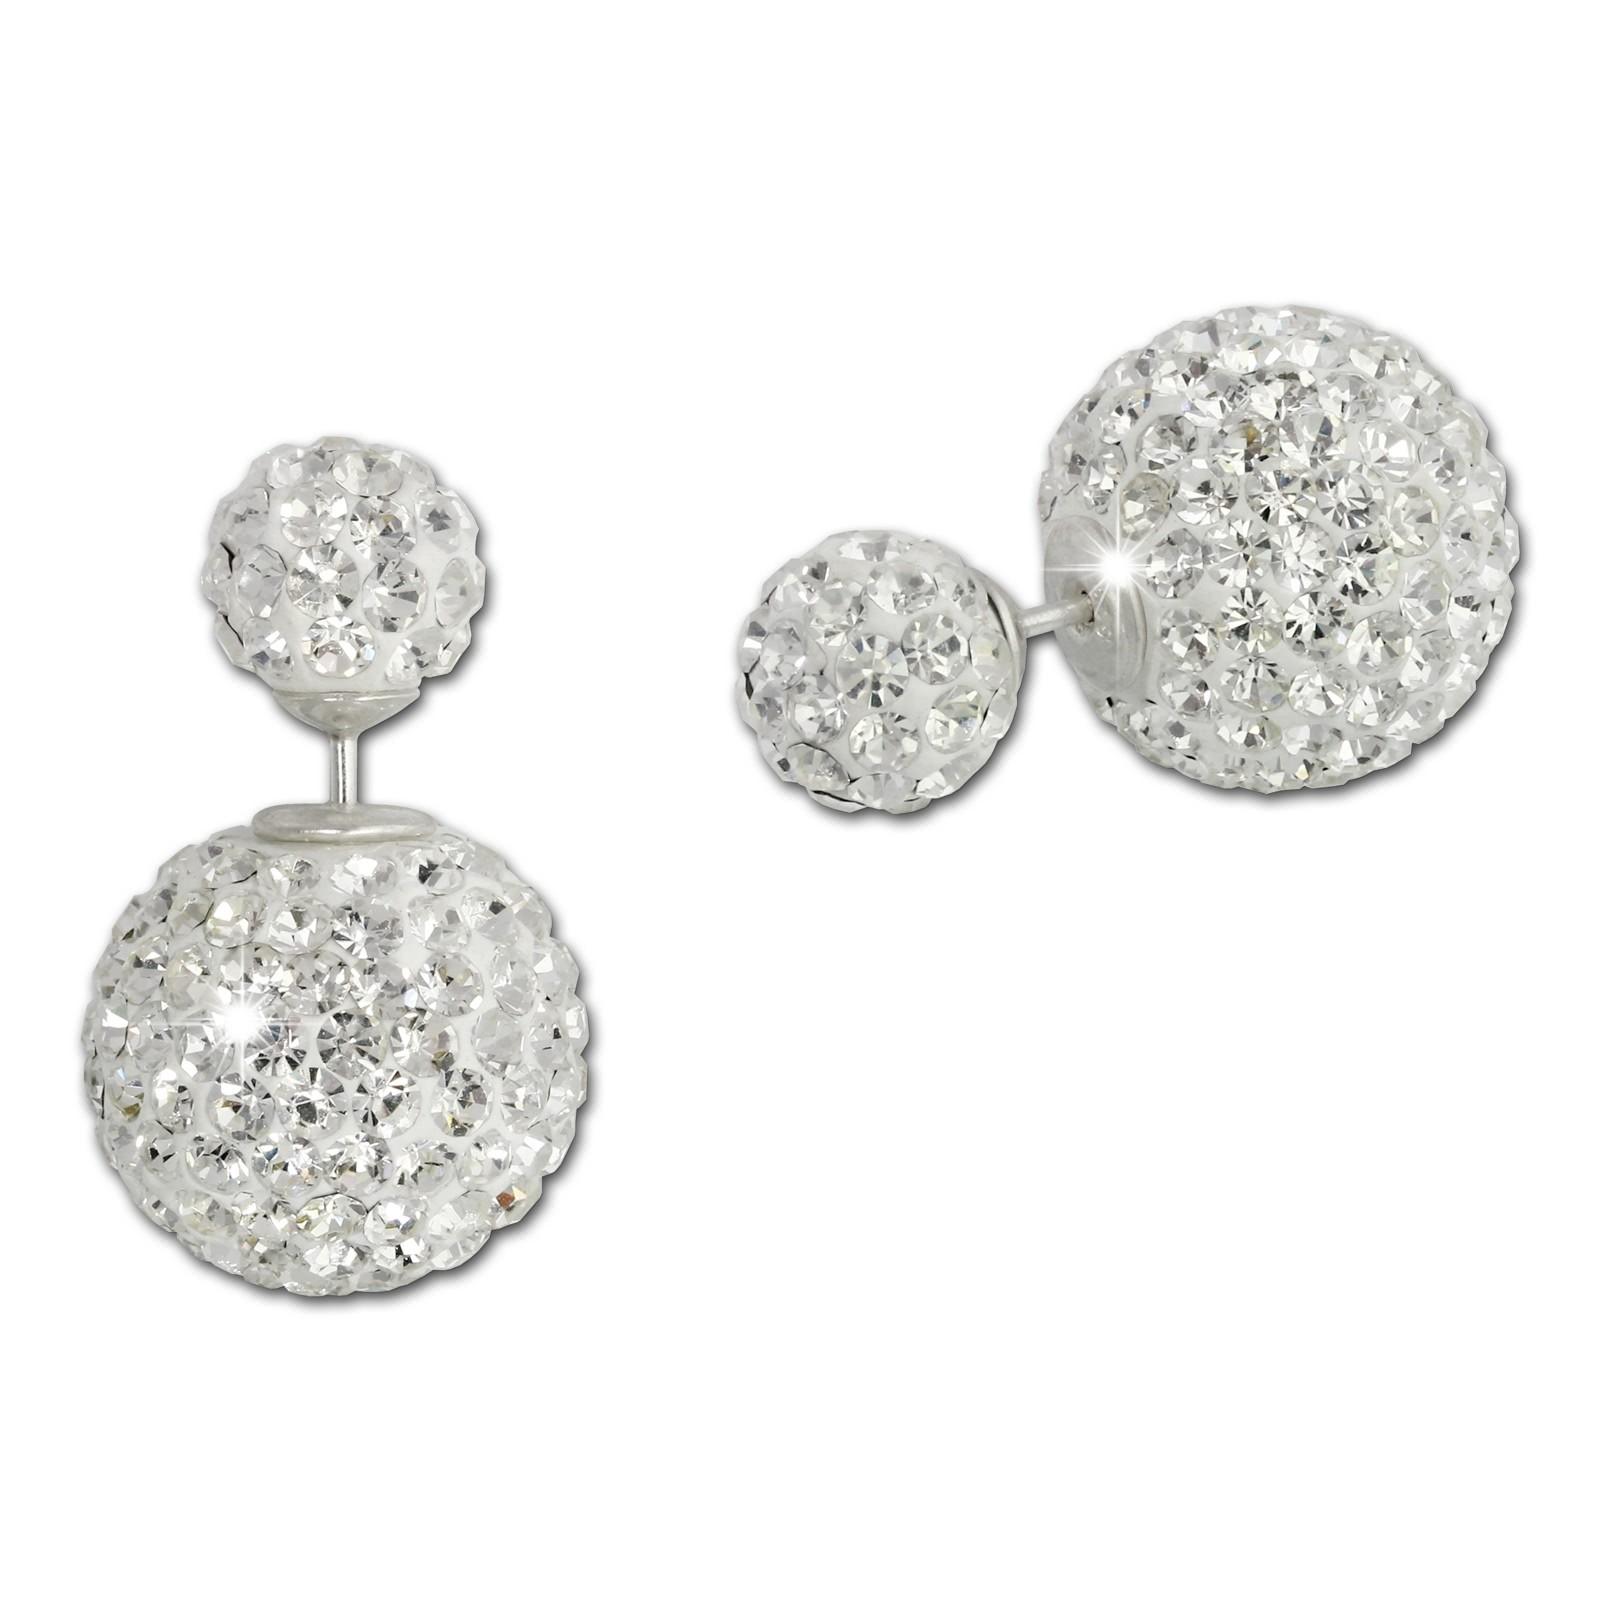 SilberDream Doppel-Ohrringe Glitzerperlen weiß Tribal Design 925 Silber GSO651W